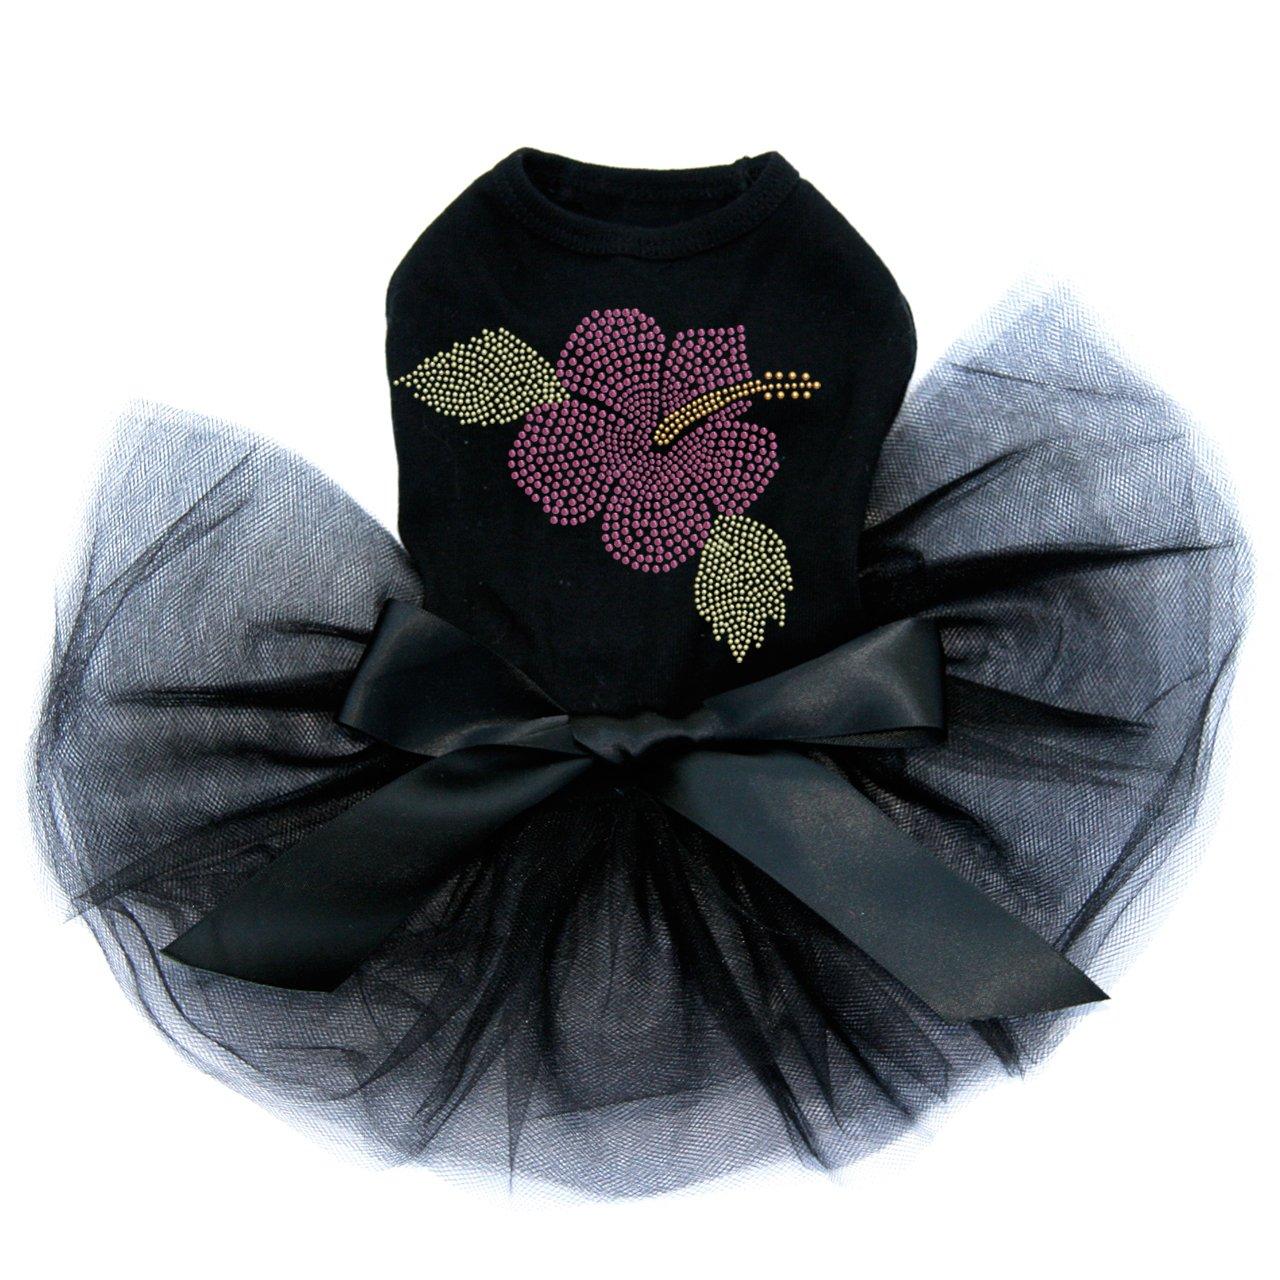 Large Pink Hibiscus - Bling Rhinestone Dog Tutu Dress, 3XL Black